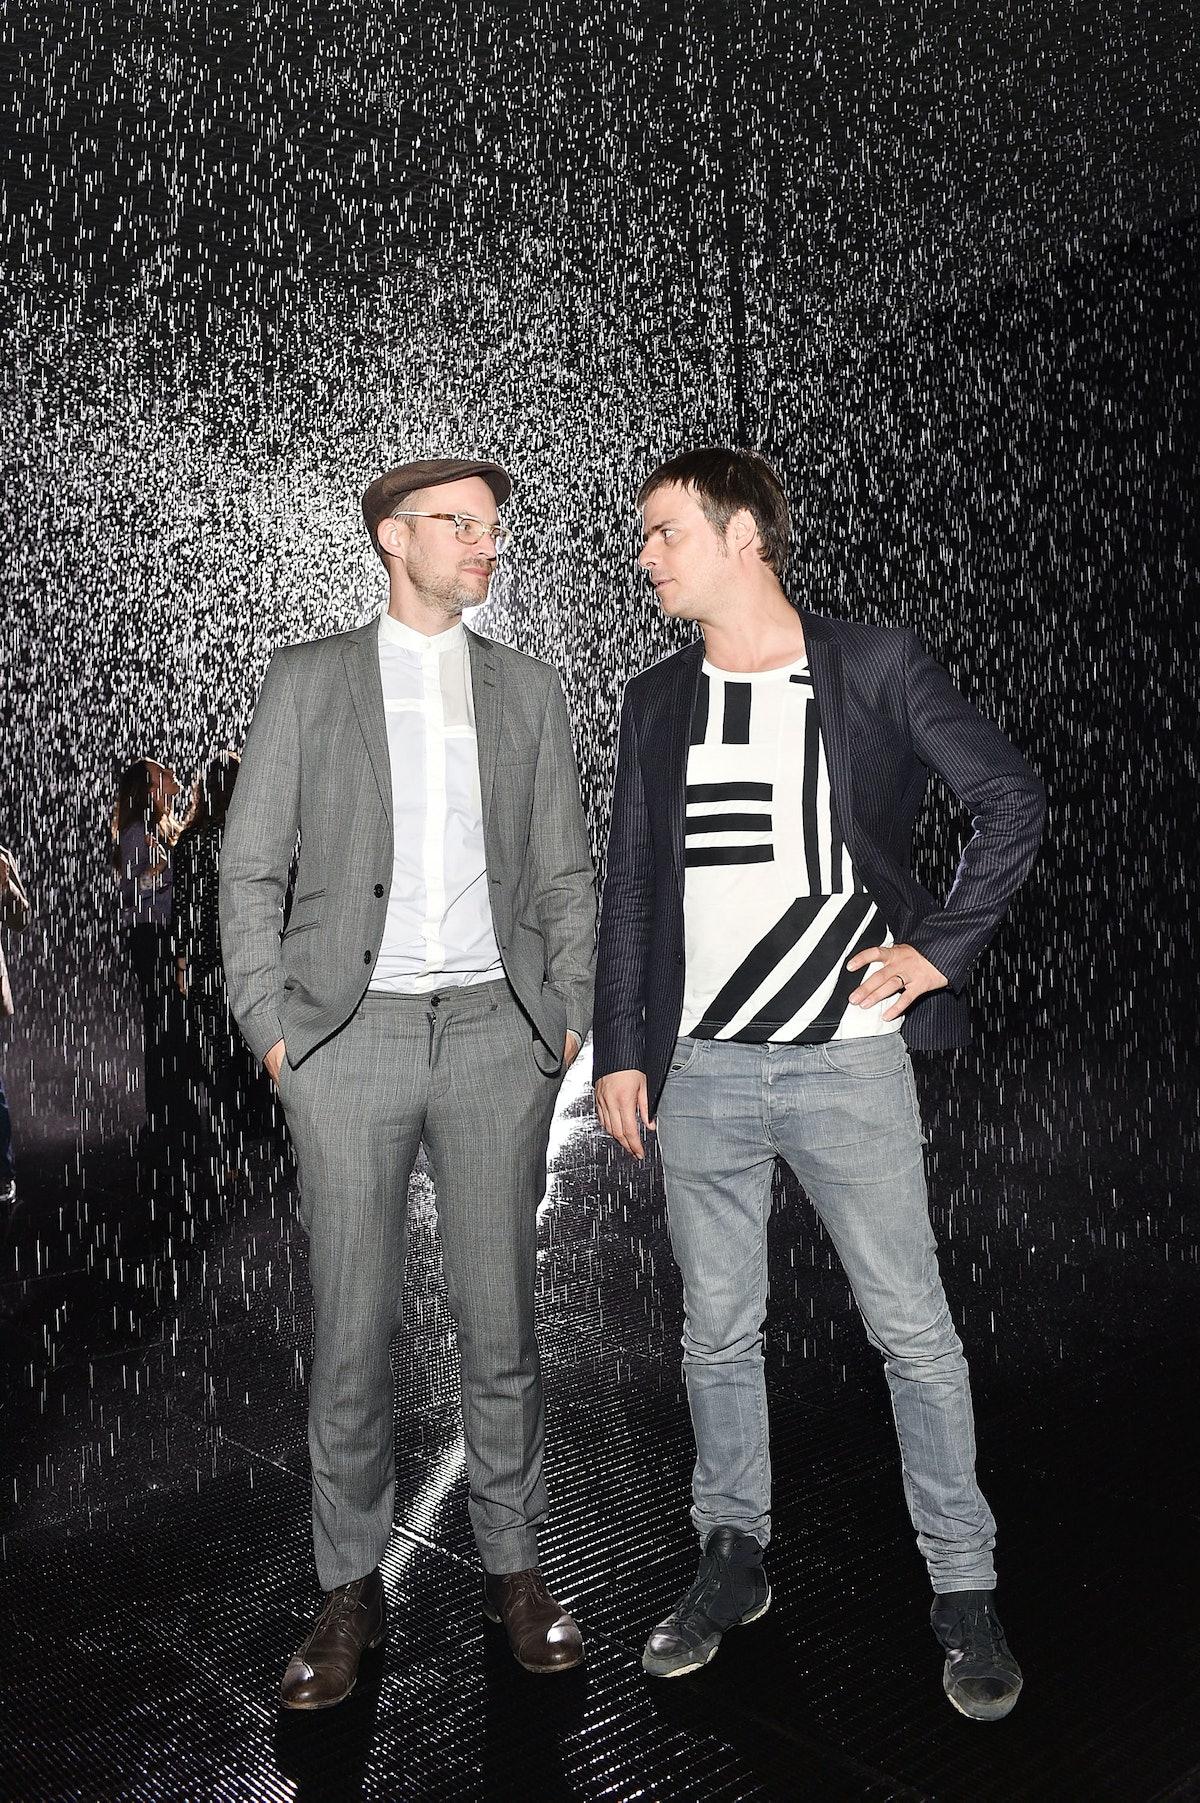 Florian Ortkrass and Hannes Koch